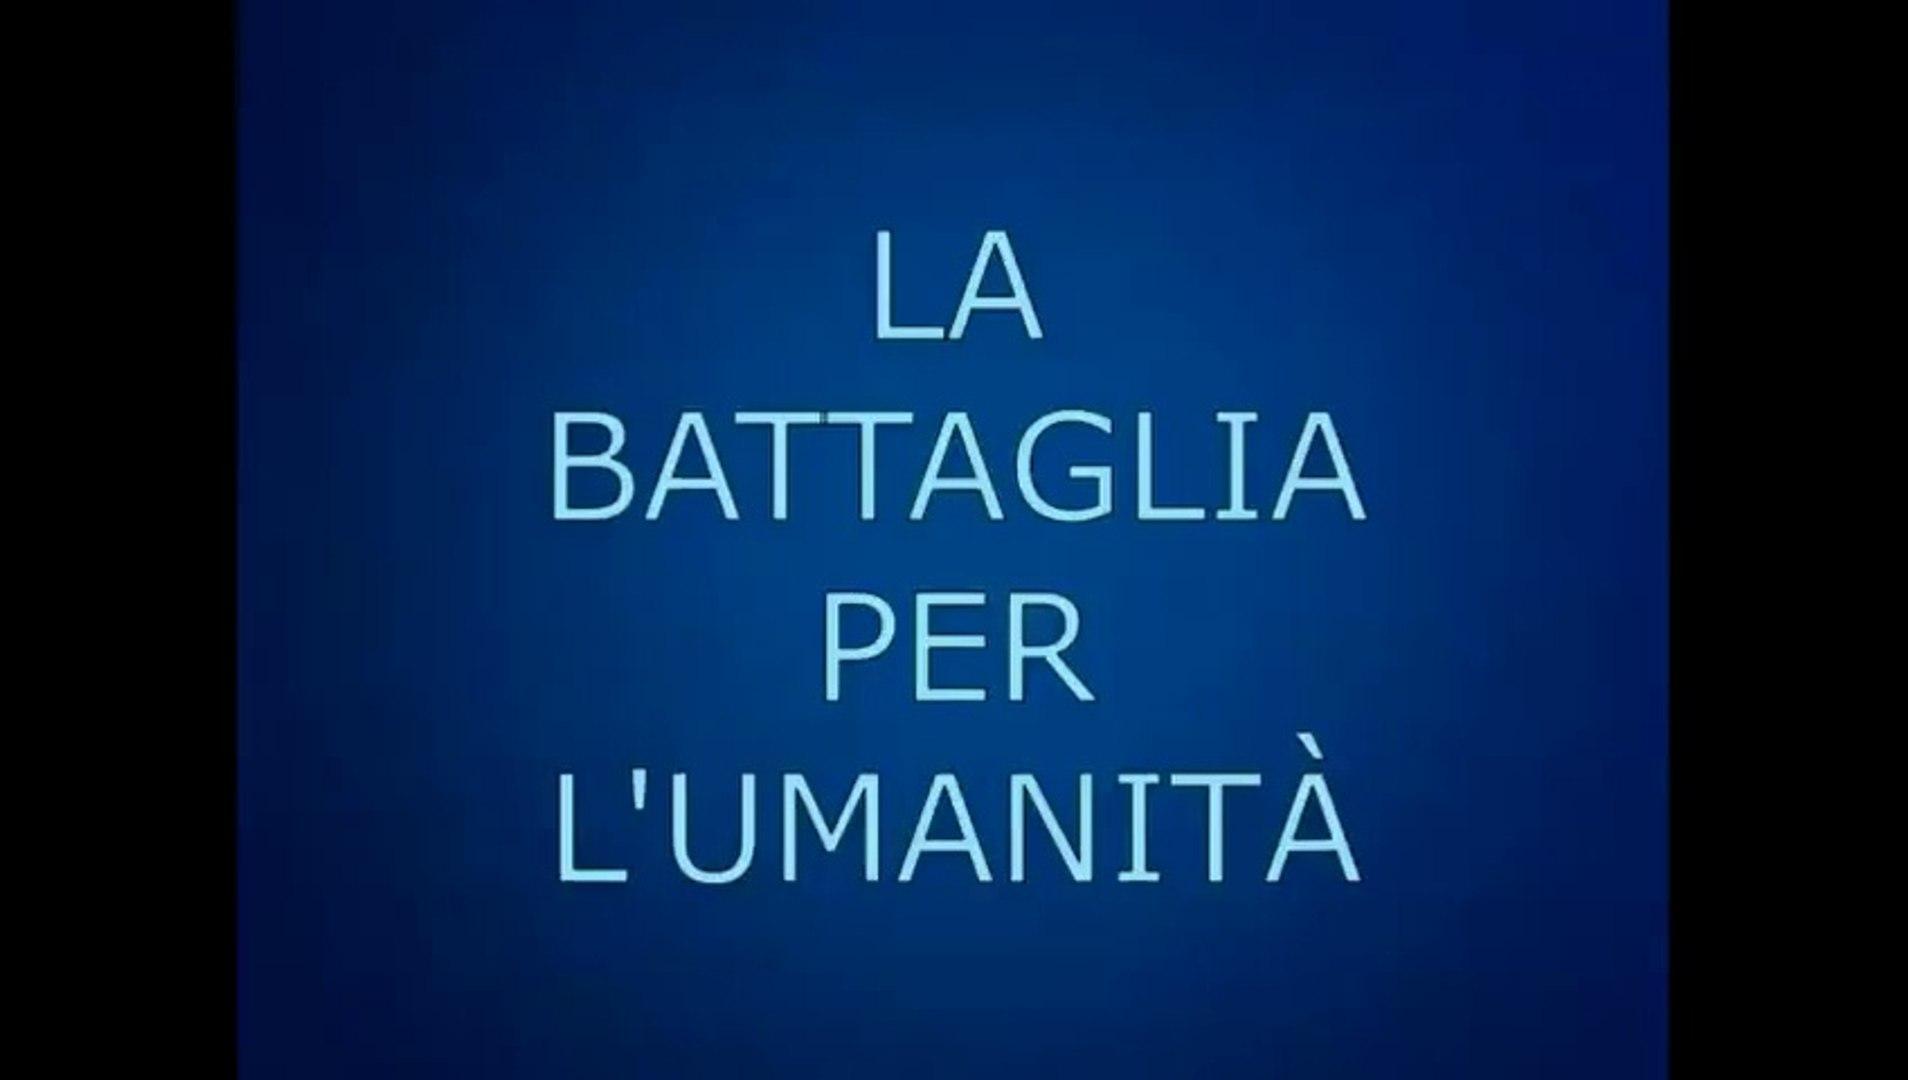 LA BATTAGLIA PER L'UMANITA'